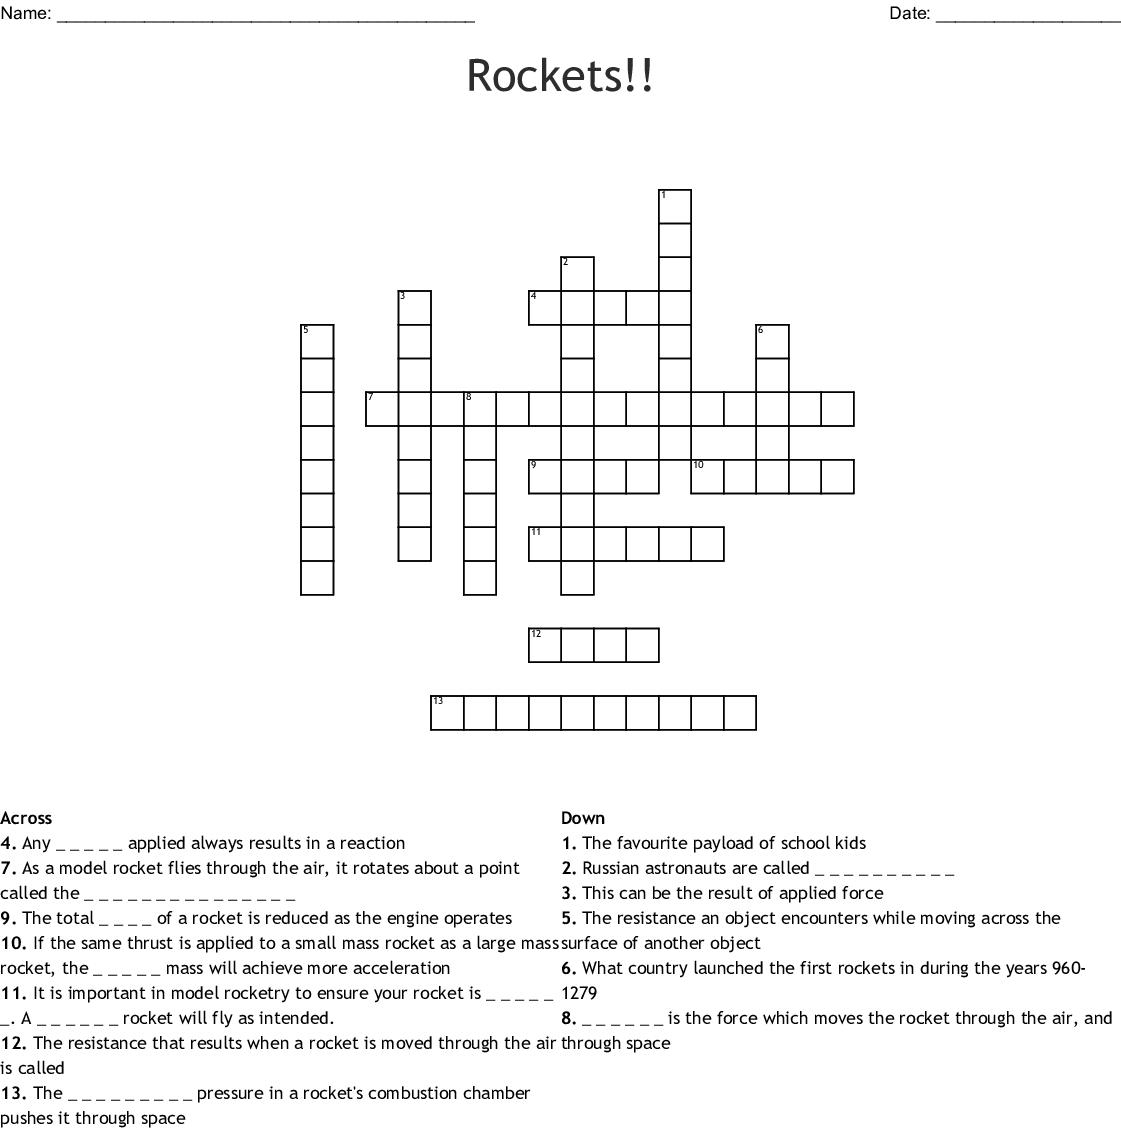 Rockets Crossword